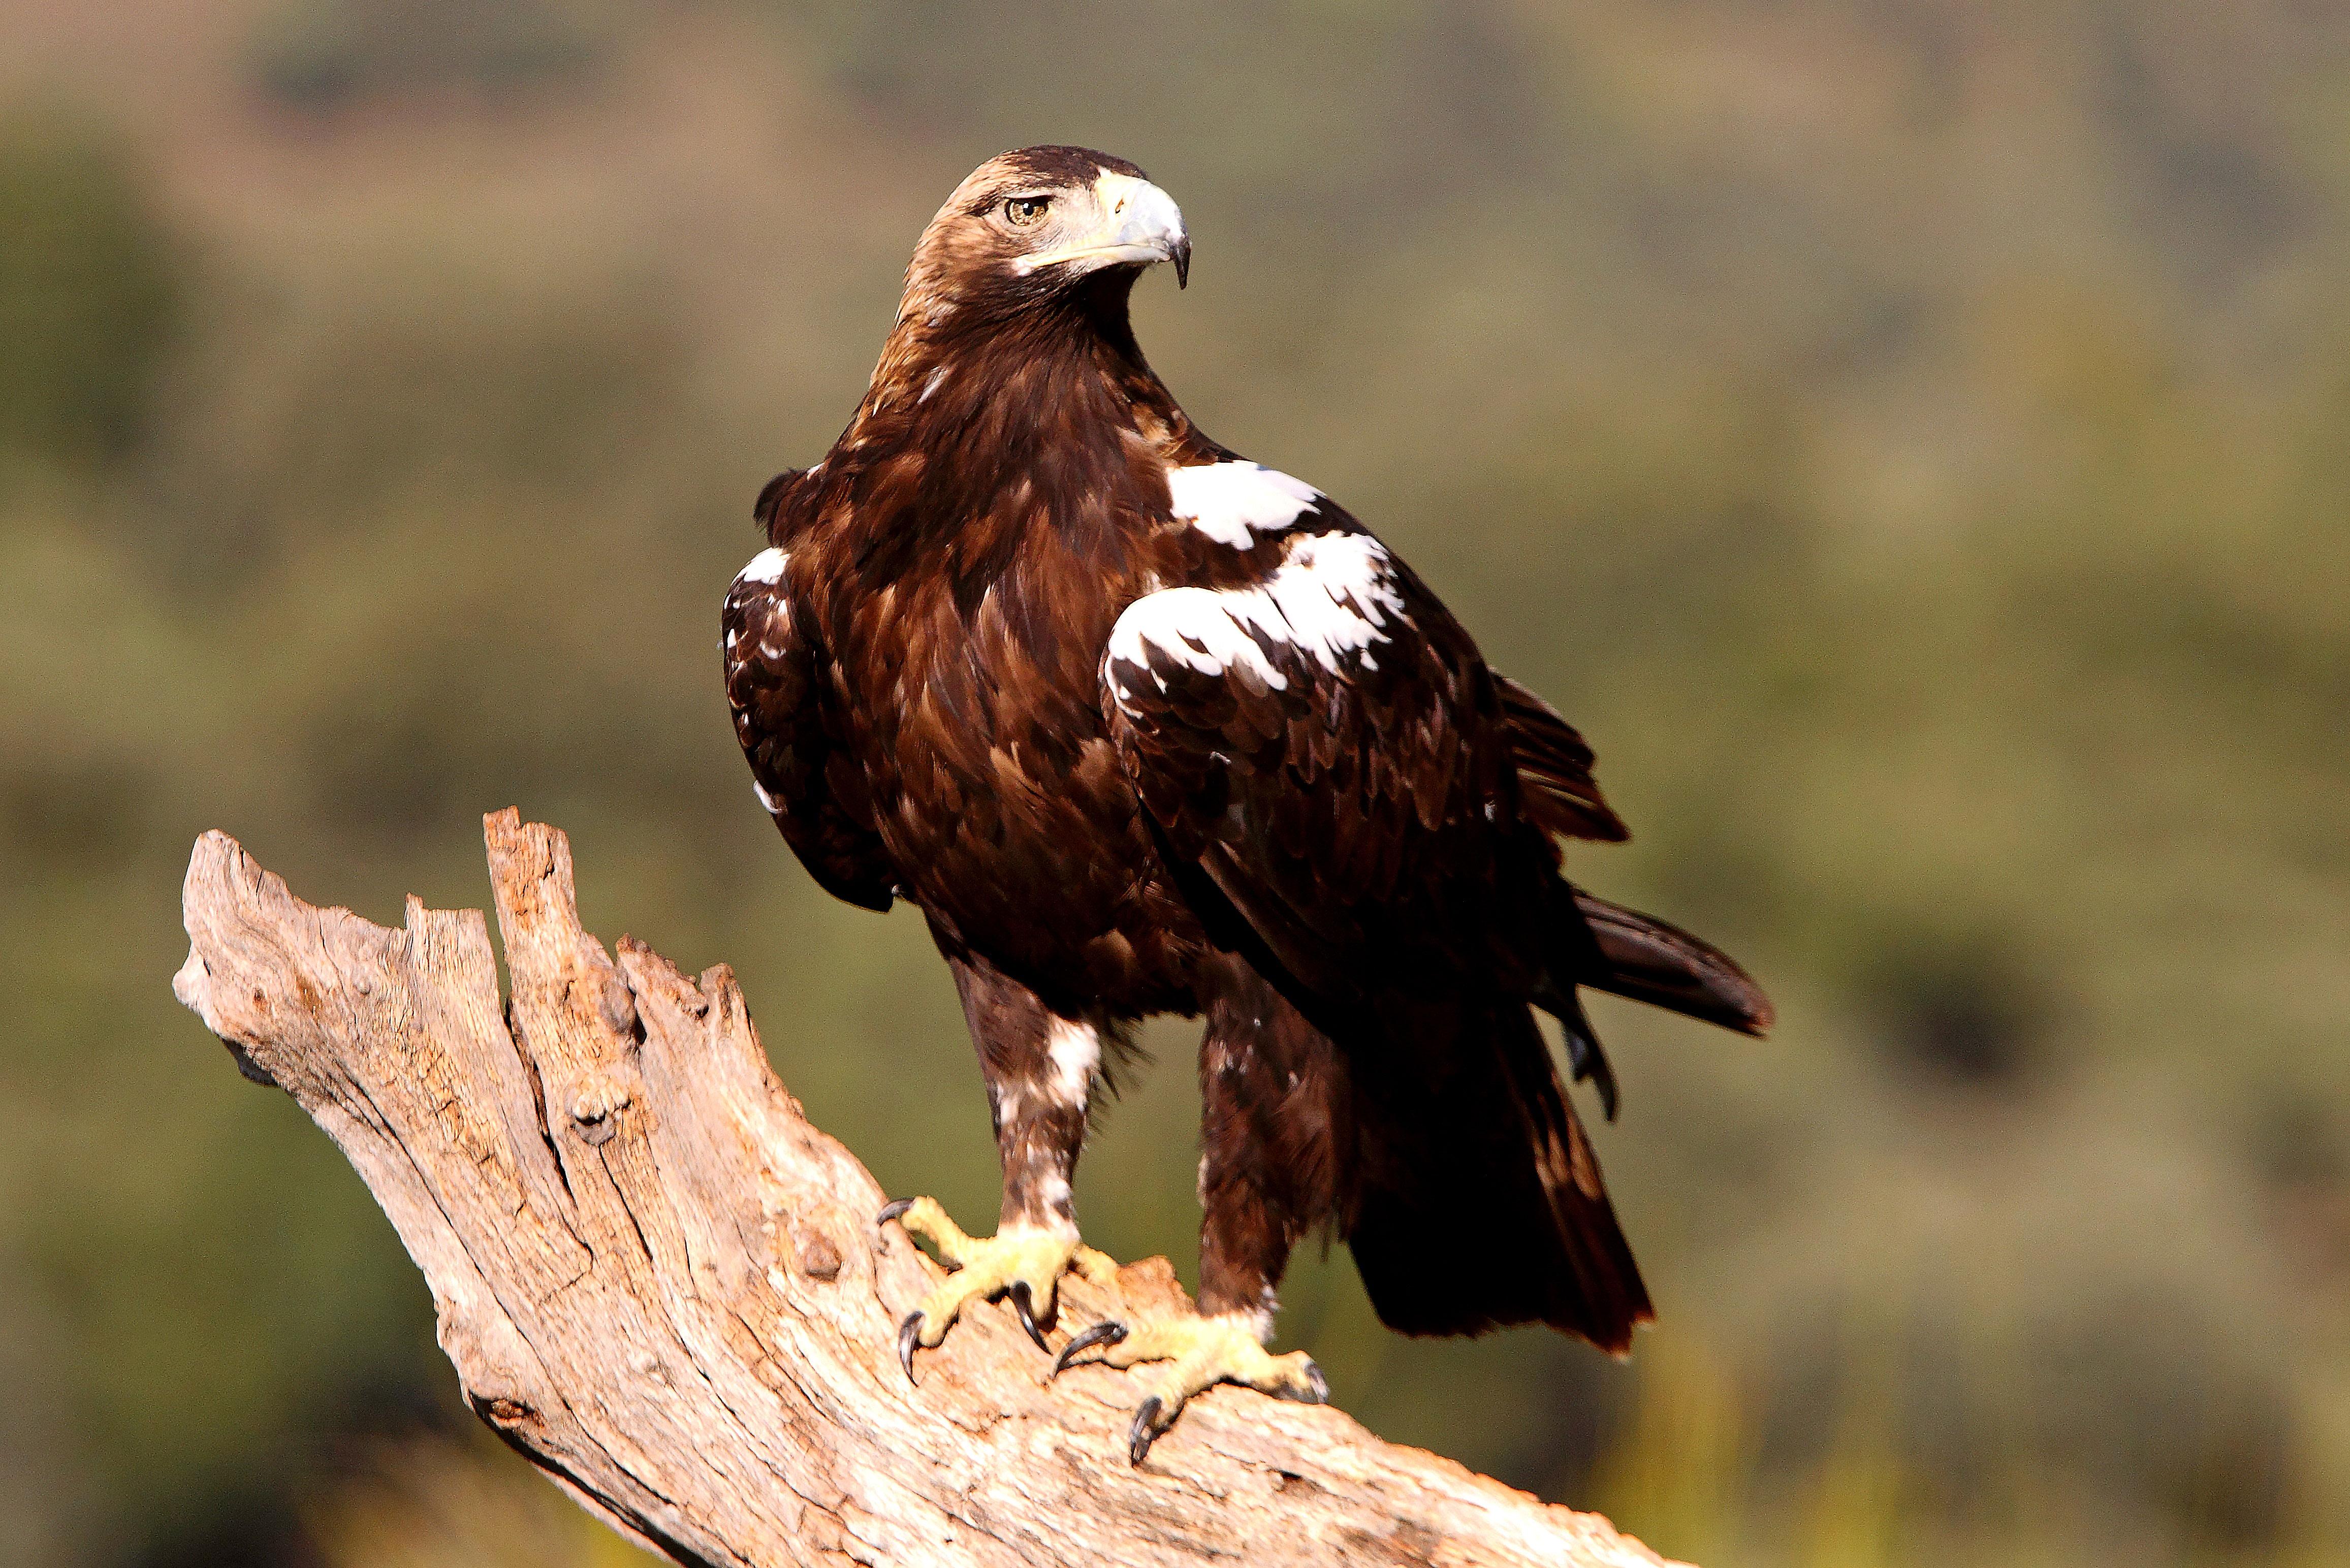 Imperial Eagle © Luis Enrique Serrano // Fauna Salvaje en Acción (Wildlife in Action)